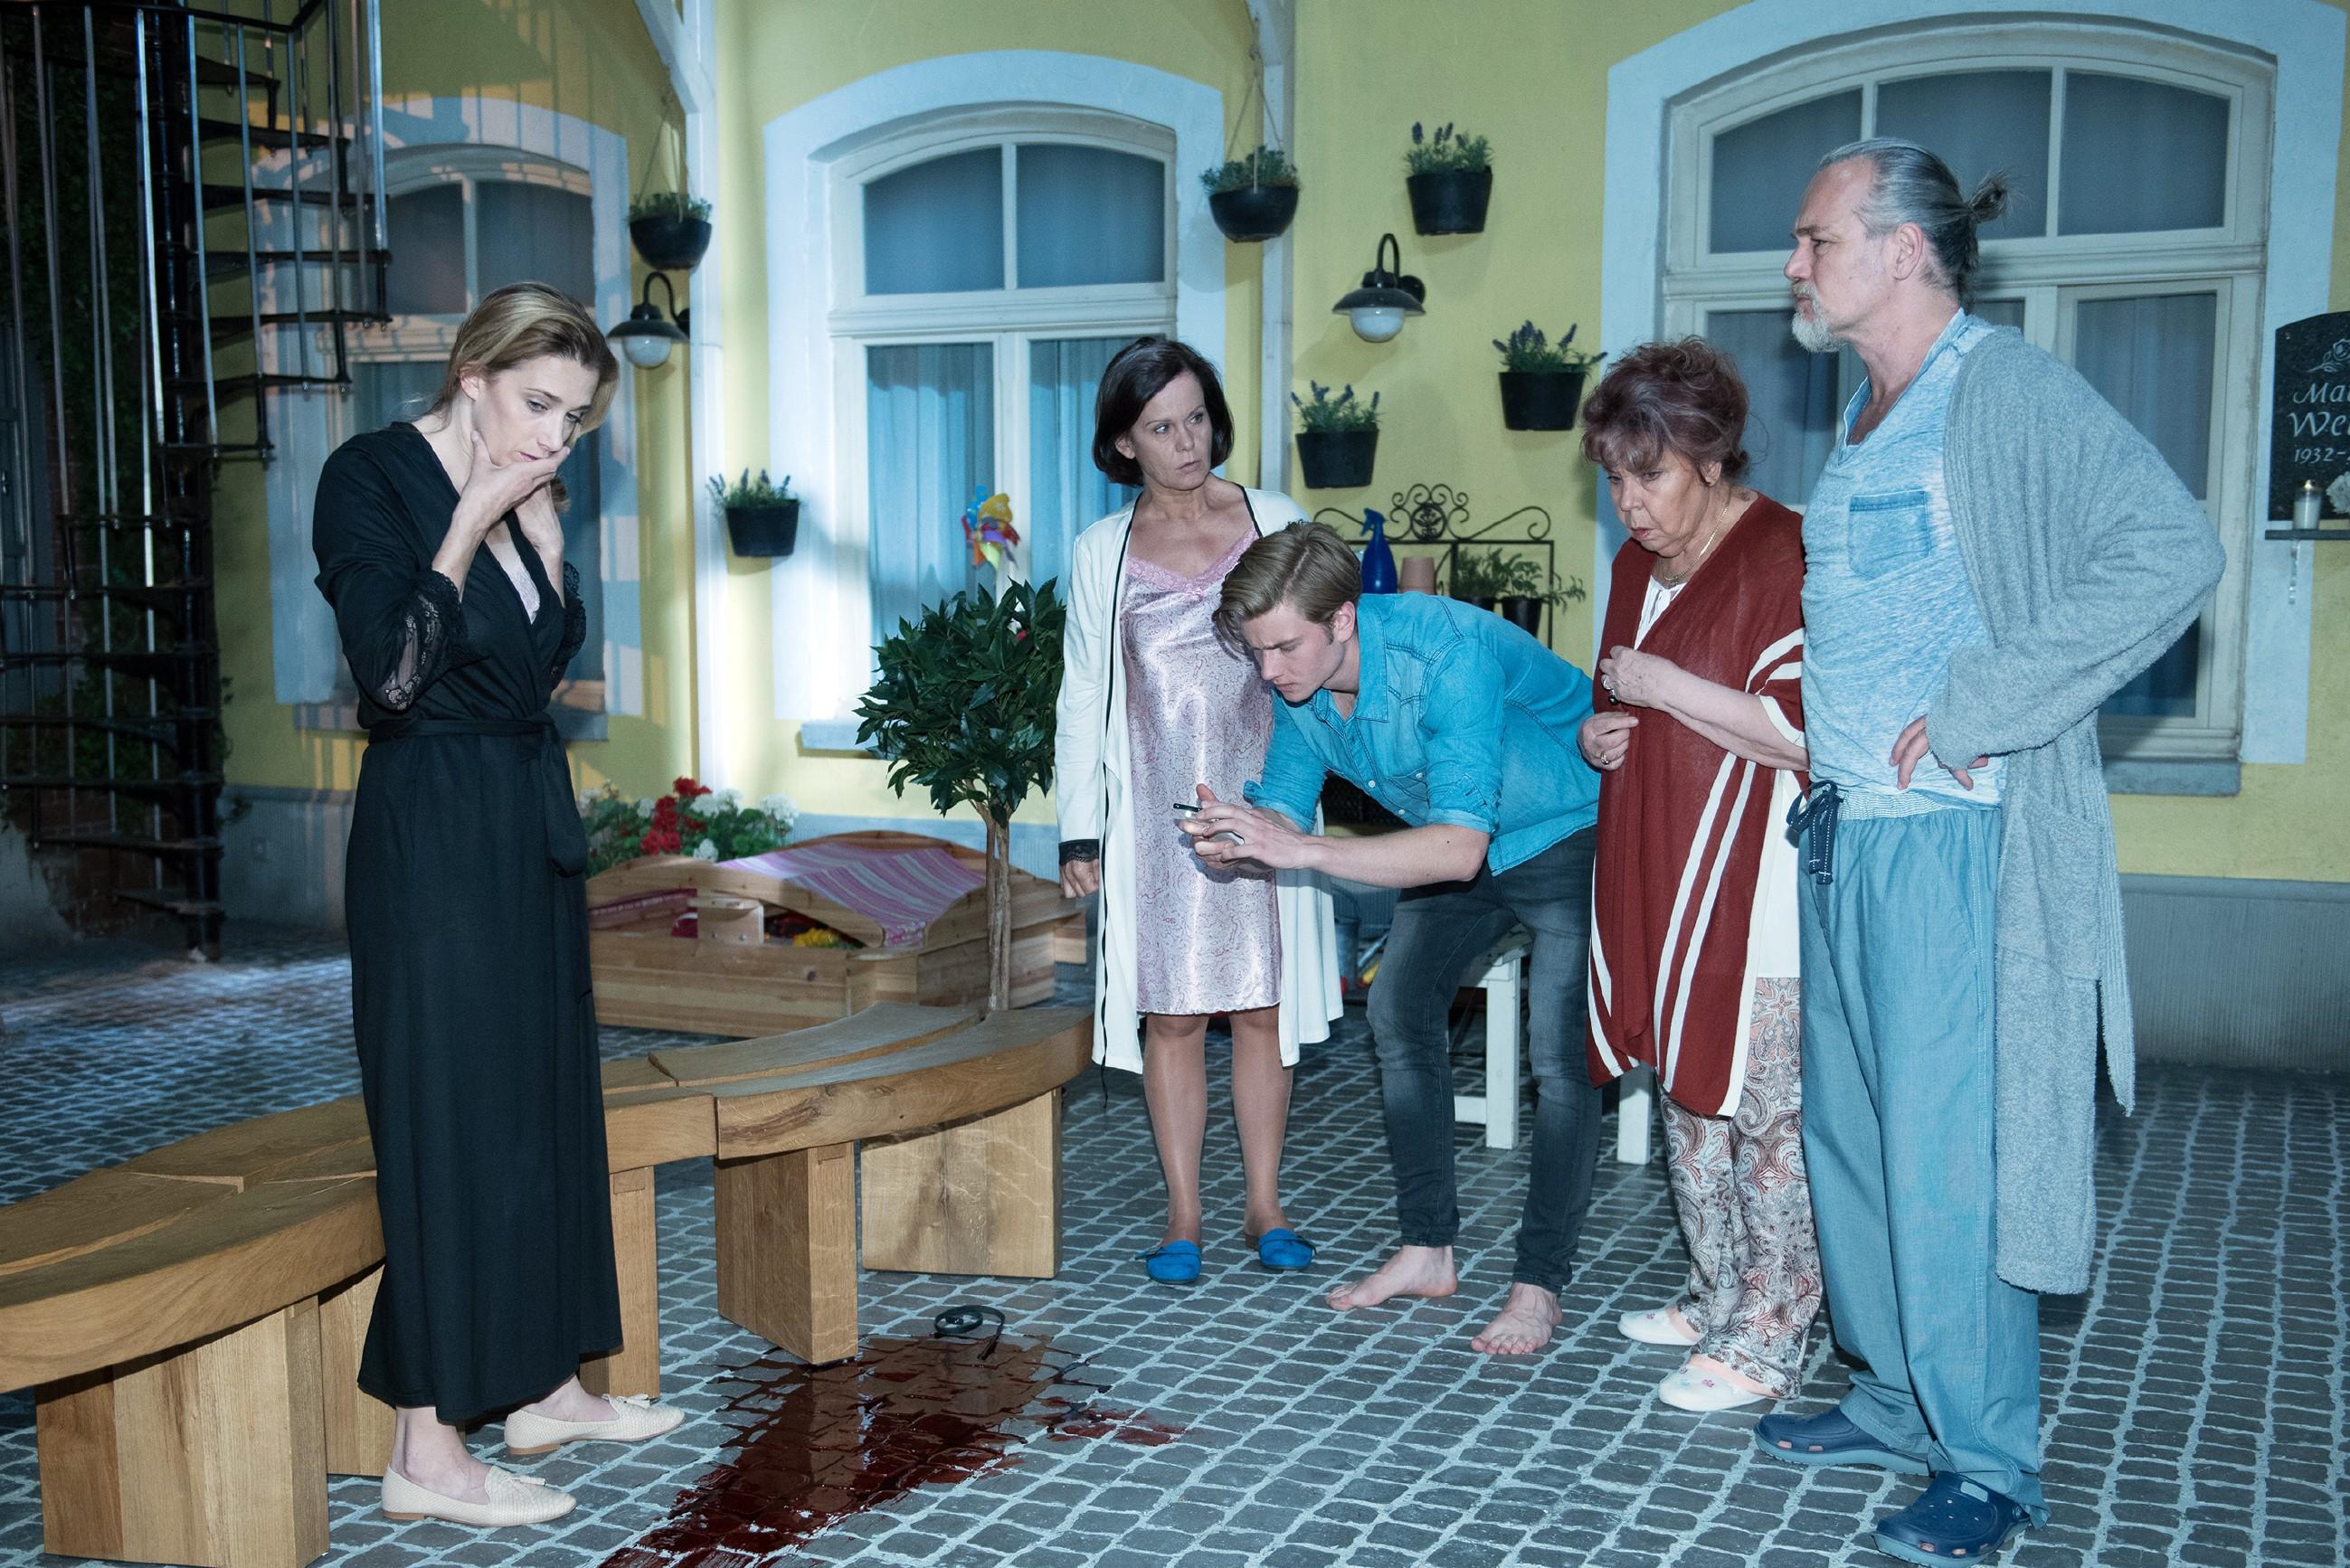 Roswitha (Andrea Brix, 2.v.r.) beharrt vor (v.l.) Andrea (Kristin Meyer), Irene (Petra Blossey), Valentin (Aaron Koszuta) und Robert (Luca Maric, r.) trotz fehlender Leiche darauf, dass ein Mord geschehen ist.